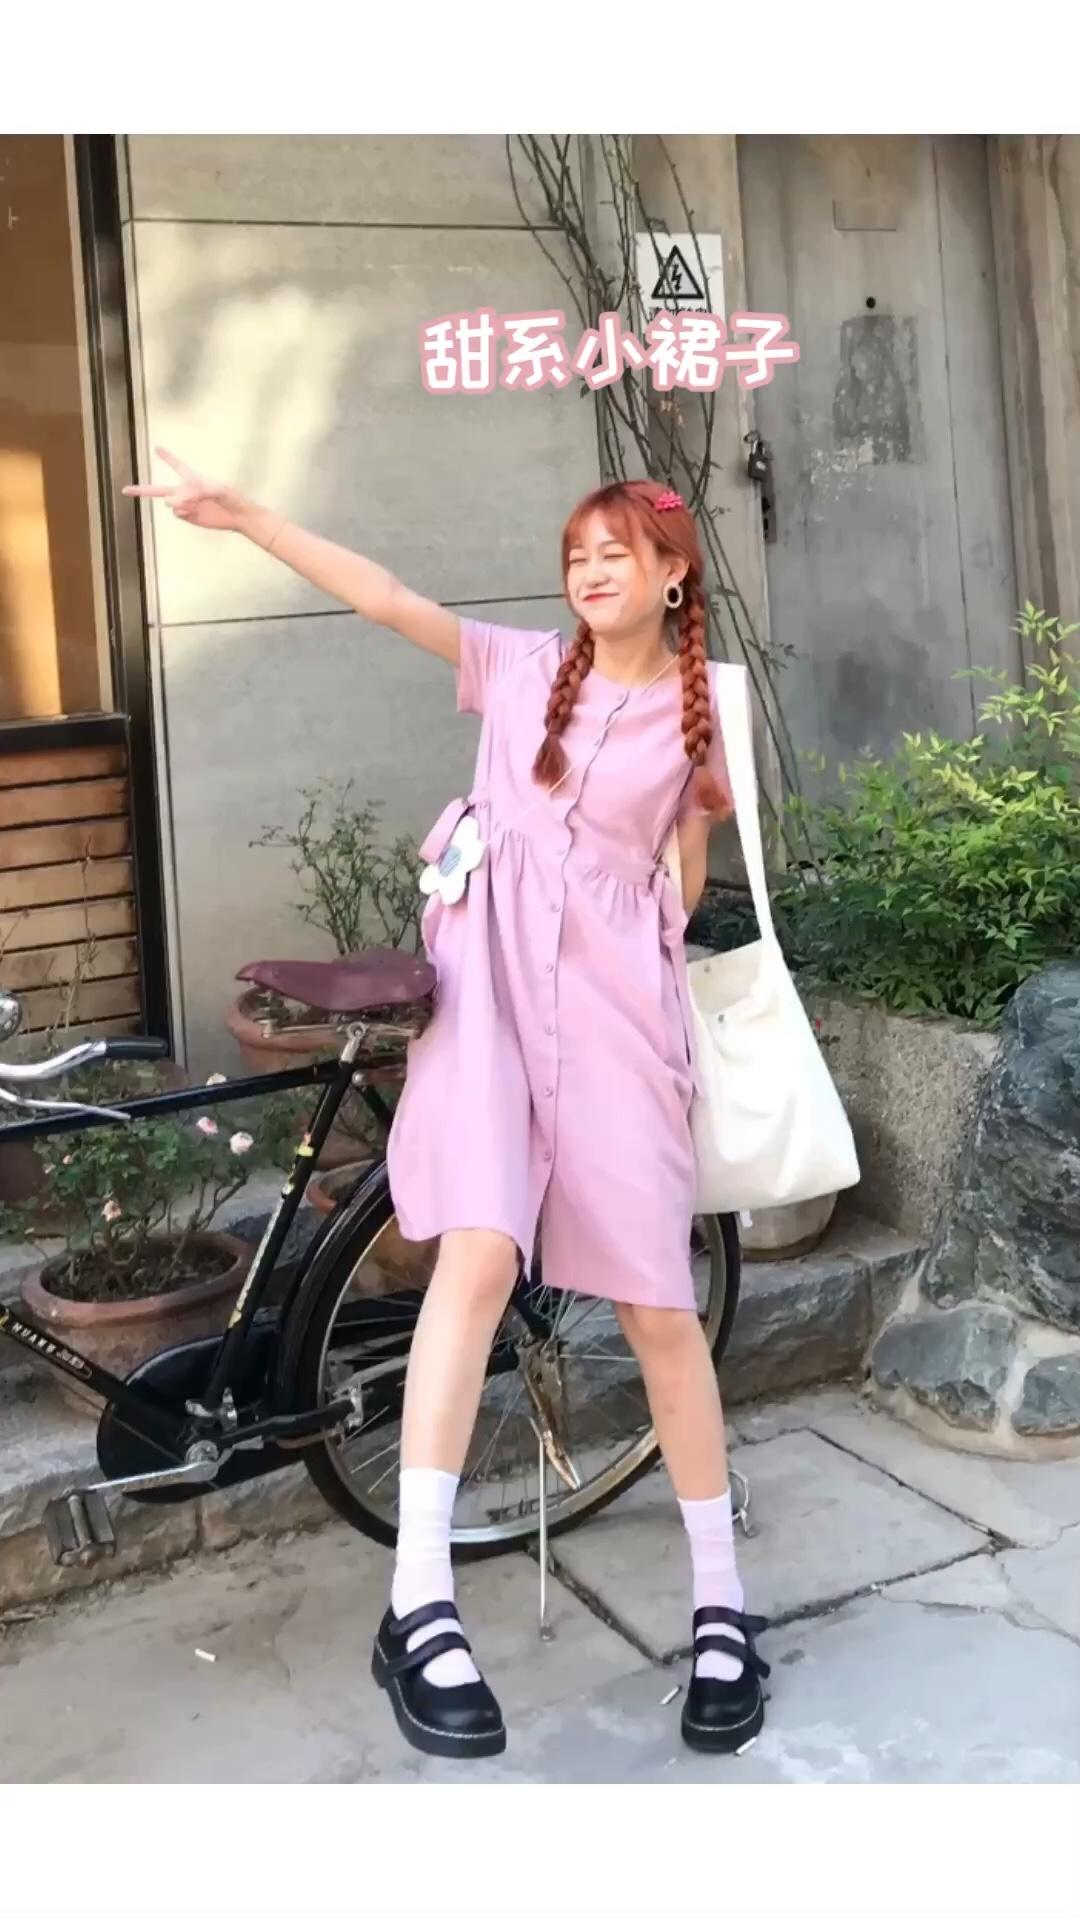 #情人节逆袭大变身!秒脱单!#今天粉紫色的小裙子很有民国小女生的感觉~ 加上小腿袜和小皮鞋,一个大的帆布斜挎包, 我去上学啦! 就是甜甜的少女没错啦,约会必备!